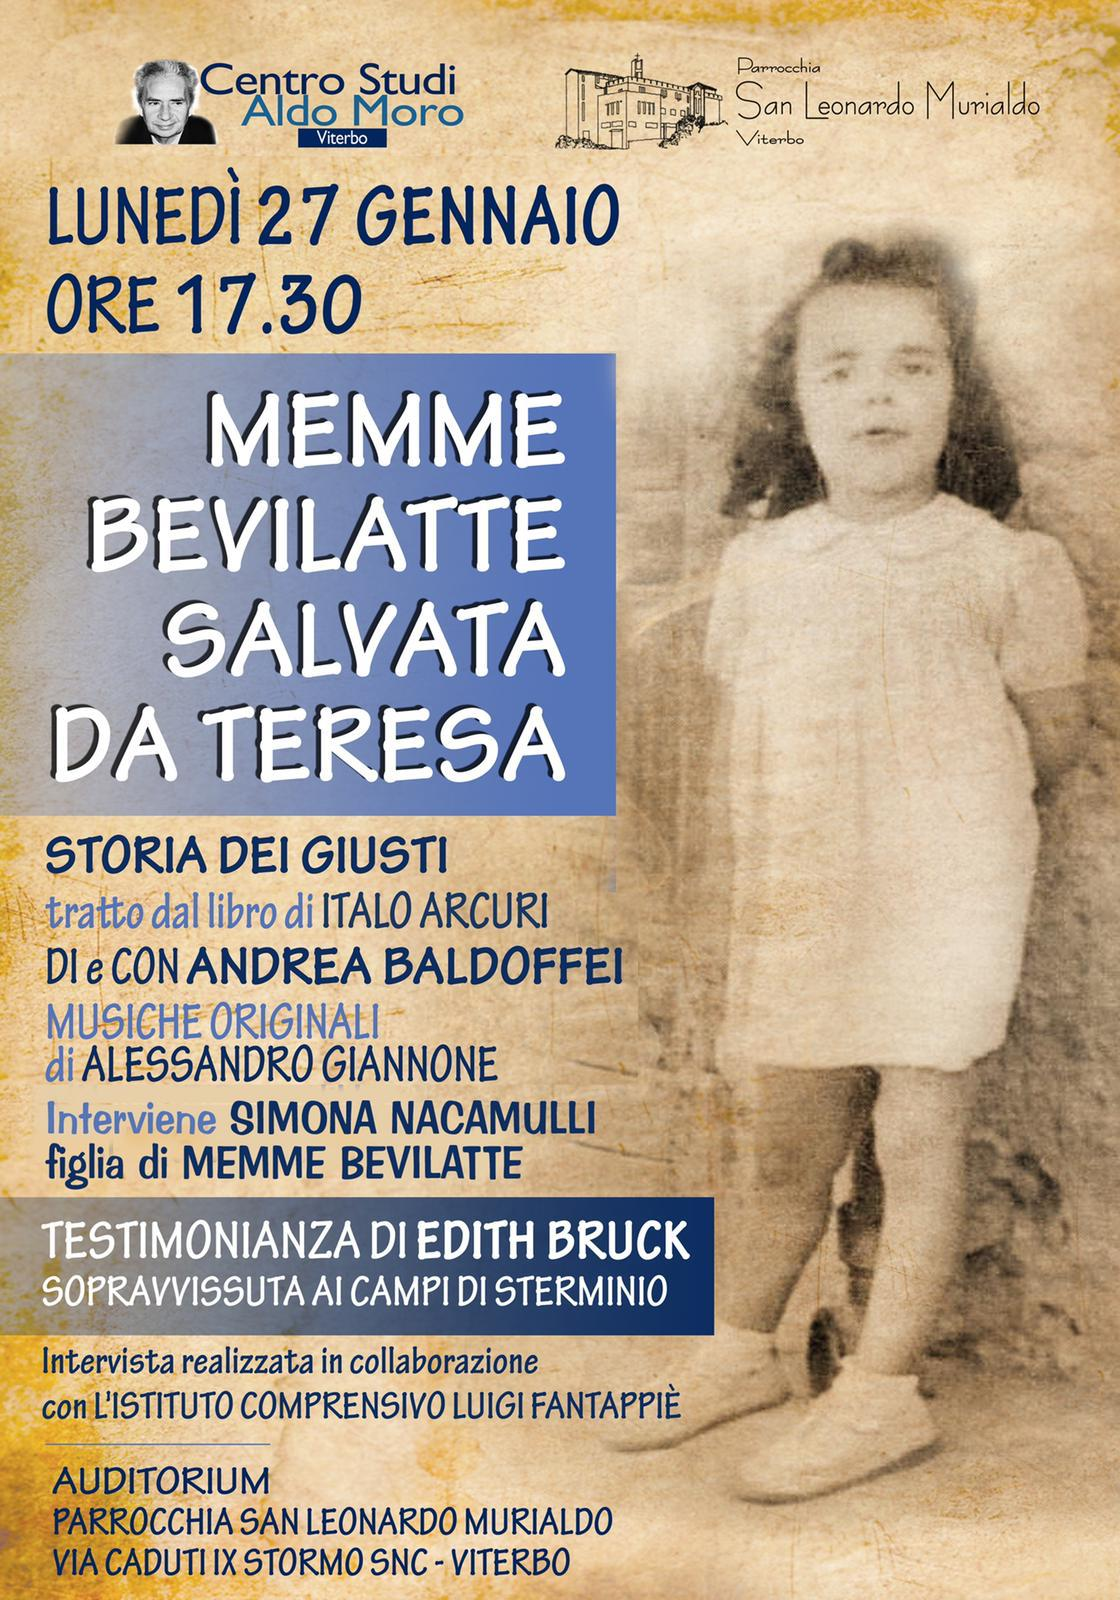 Viterbo, giorno della memoria, le iniziative del Centro Studi Aldo Moro all'Auditorium Parrocchia Murialdo